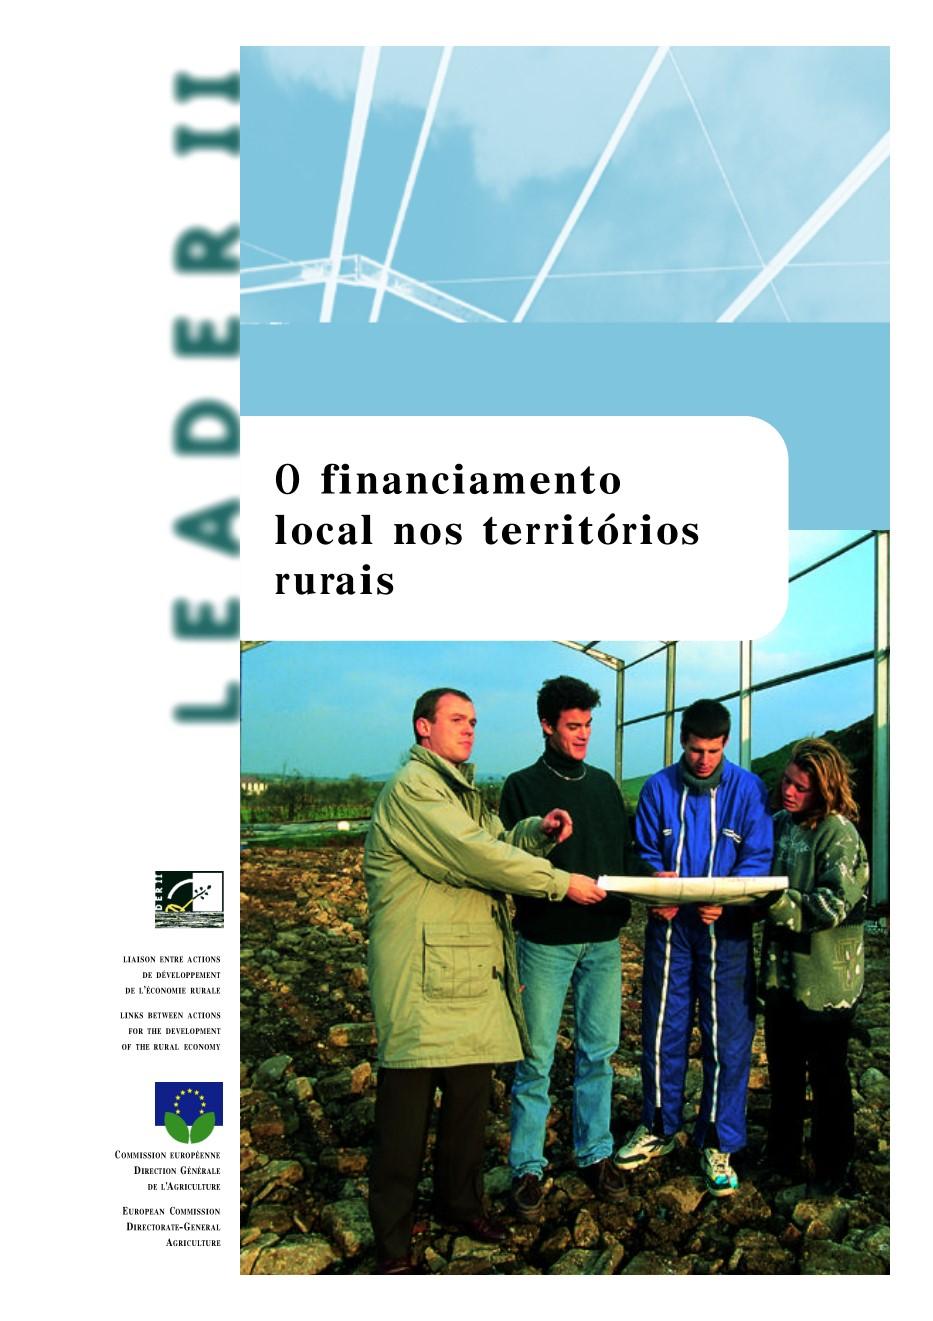 finac_local_rural